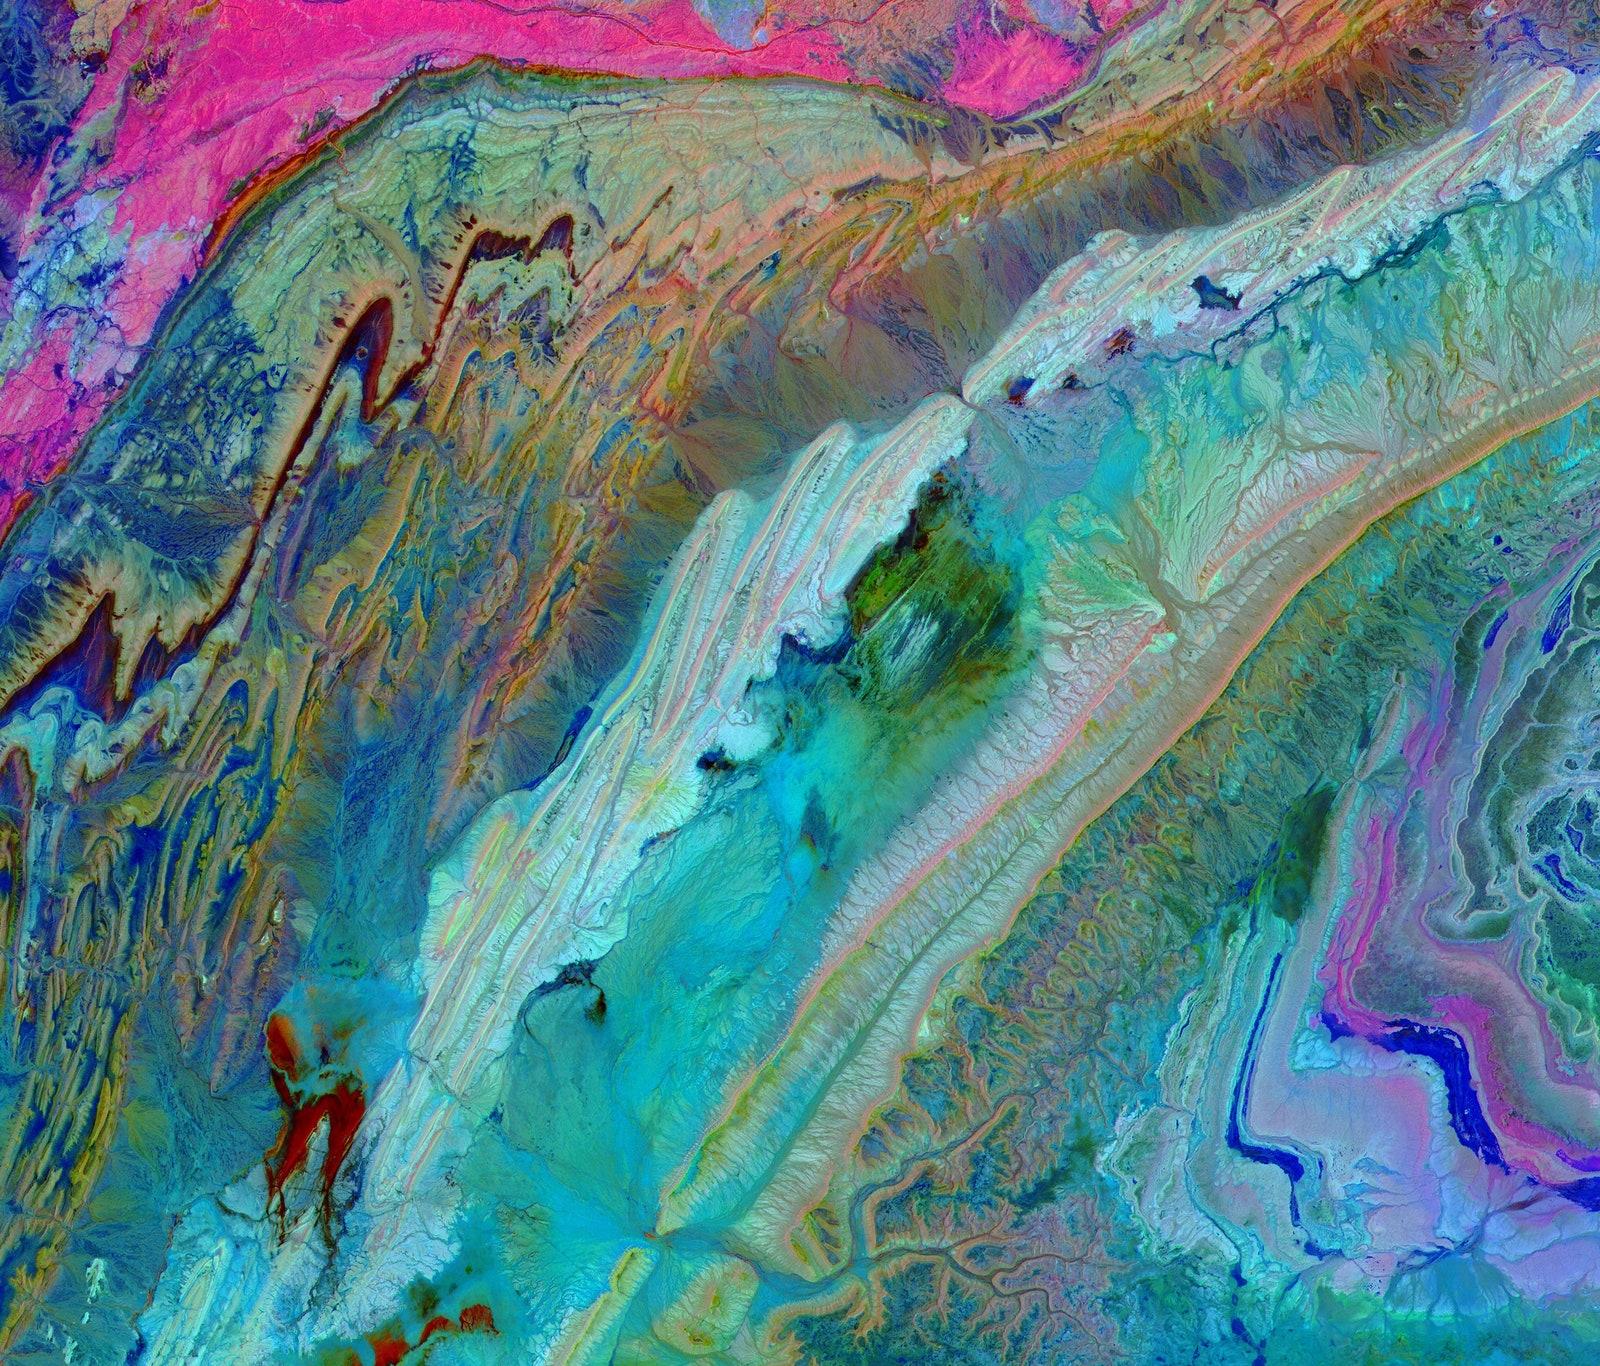 Залегание горных пород хребта Анти-Атлас, Марокко